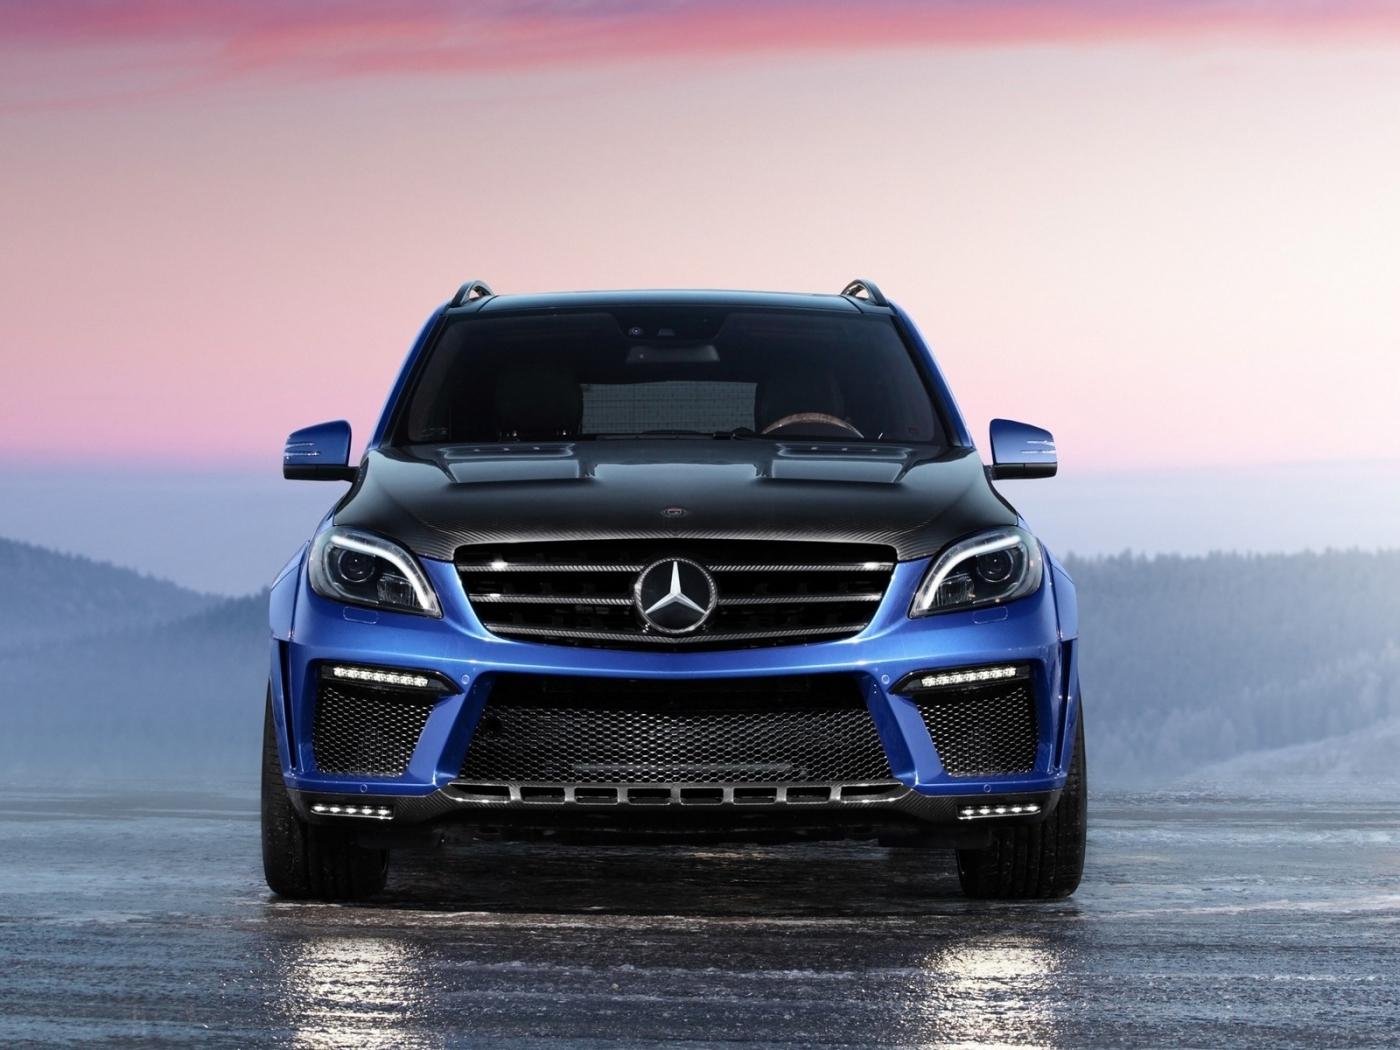 35784 скачать обои Мерседес (Mercedes), Машины, Транспорт - заставки и картинки бесплатно